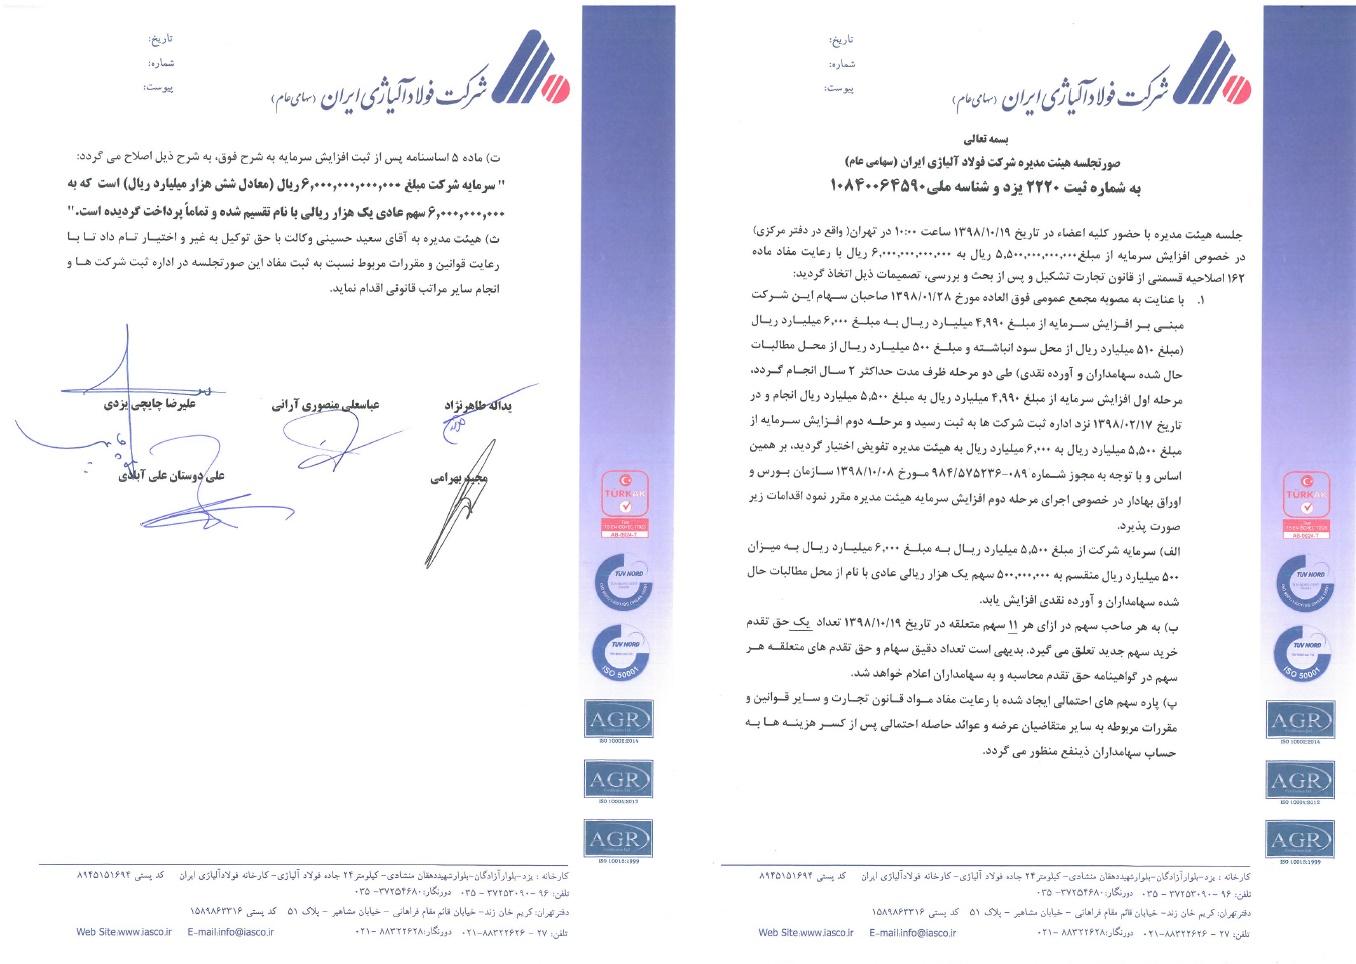 مرحله دوم افزایش سرمایه فولاد آلیاژی ایران به تصویب هیئت مدیره رسید